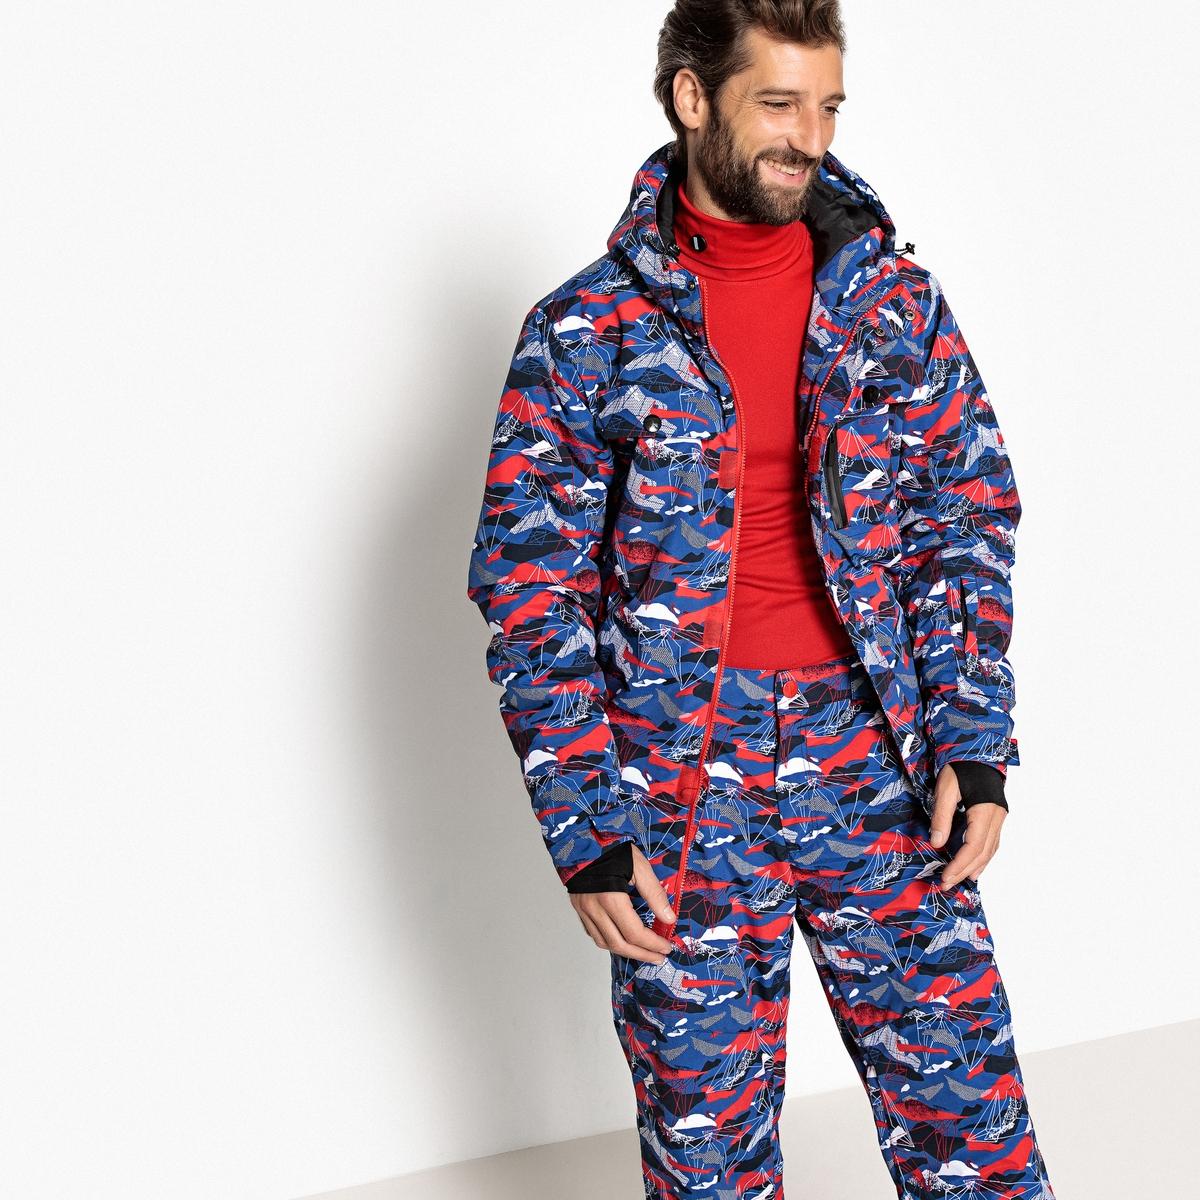 Bedruckte Snowboardjacke  Stehkragen  Kapuze   Sportbekleidung > Sportjacken > Snowboardjacken   Blau   Polyamid - Polyester   La Redoute Collections